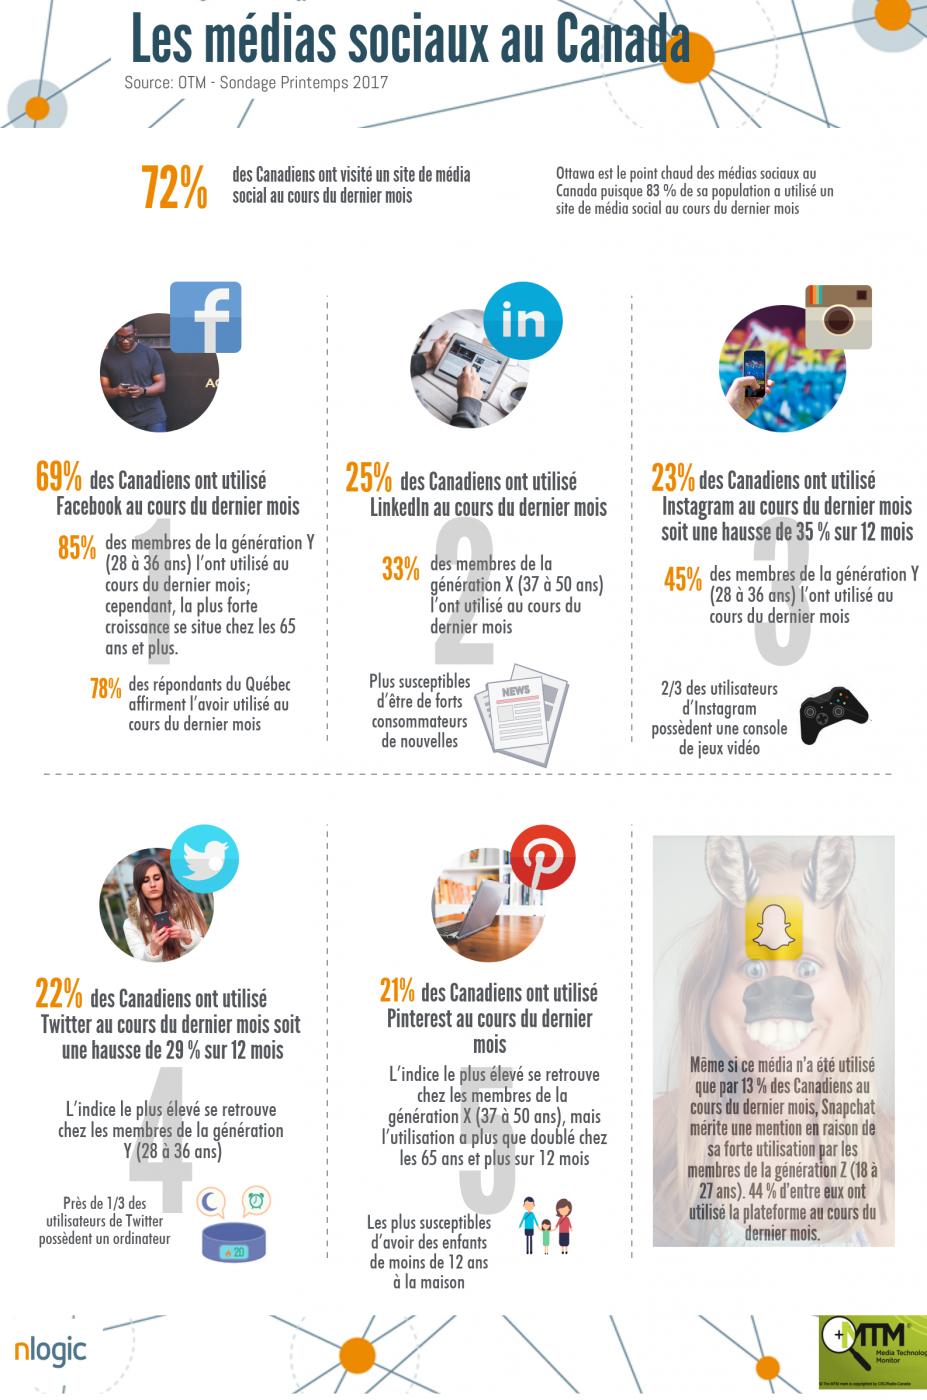 Médias sociaux au Canada